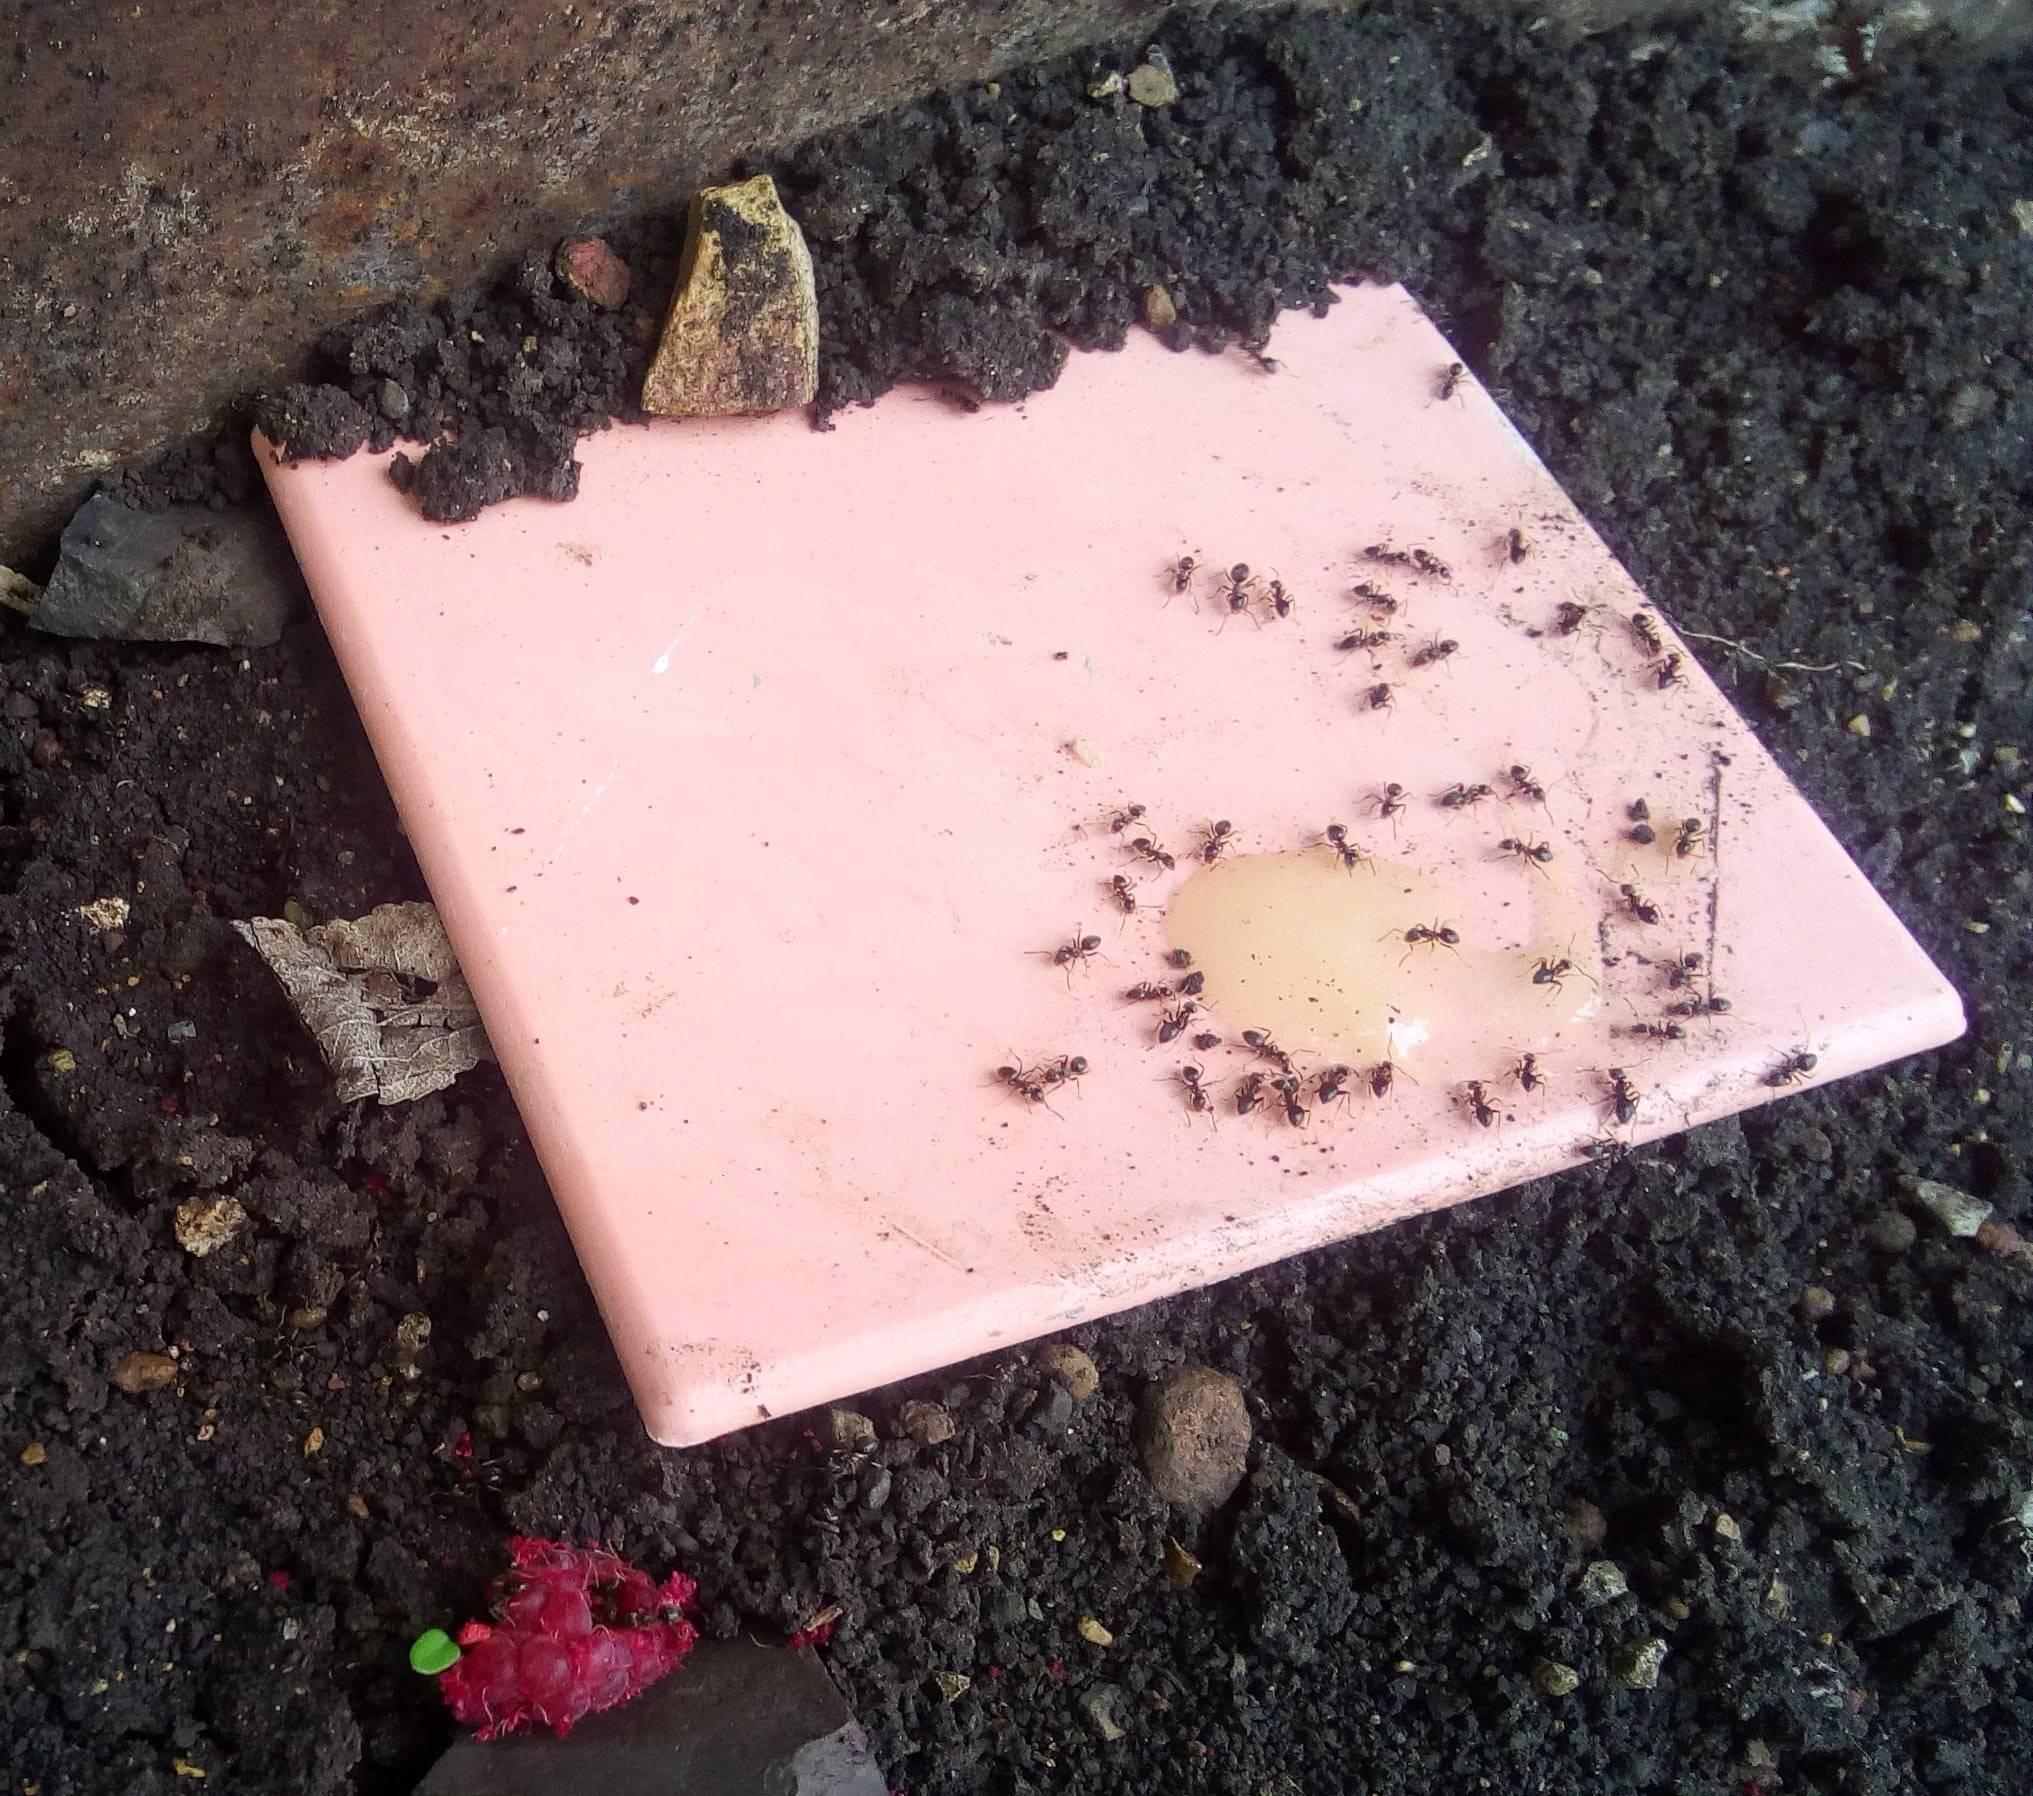 Питьевая сода против муравьев в теплице